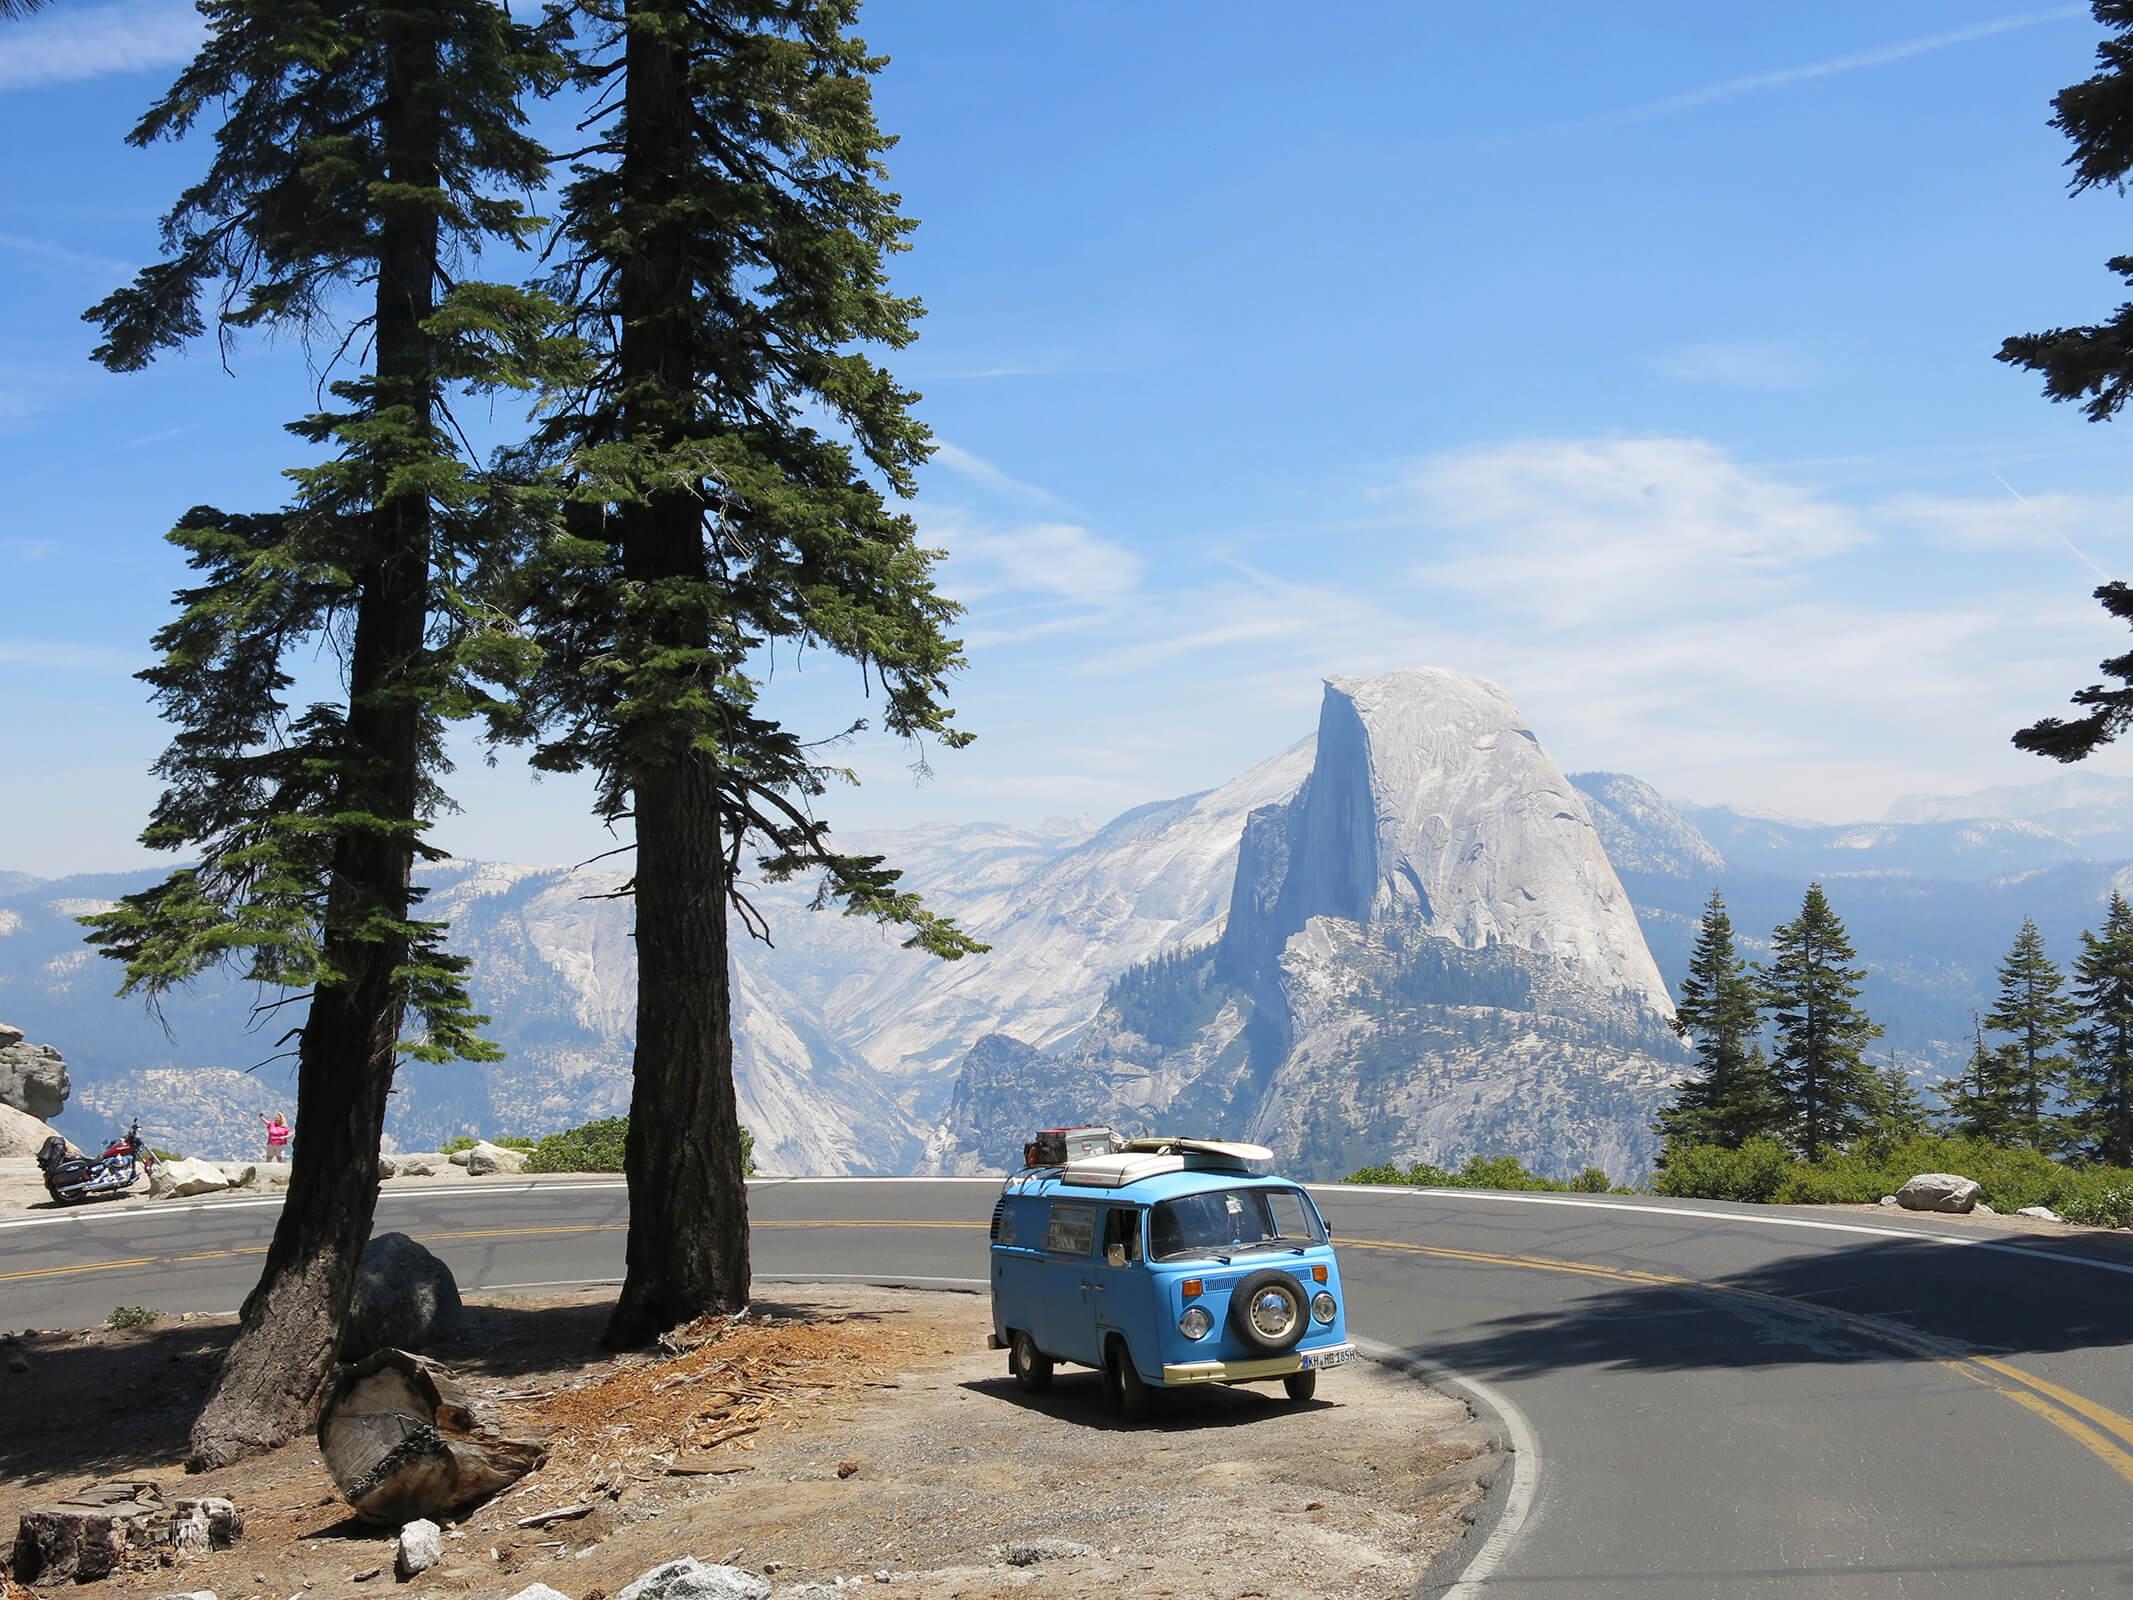 Weclhe Versicherung brauche ich für den Camping Urlaub